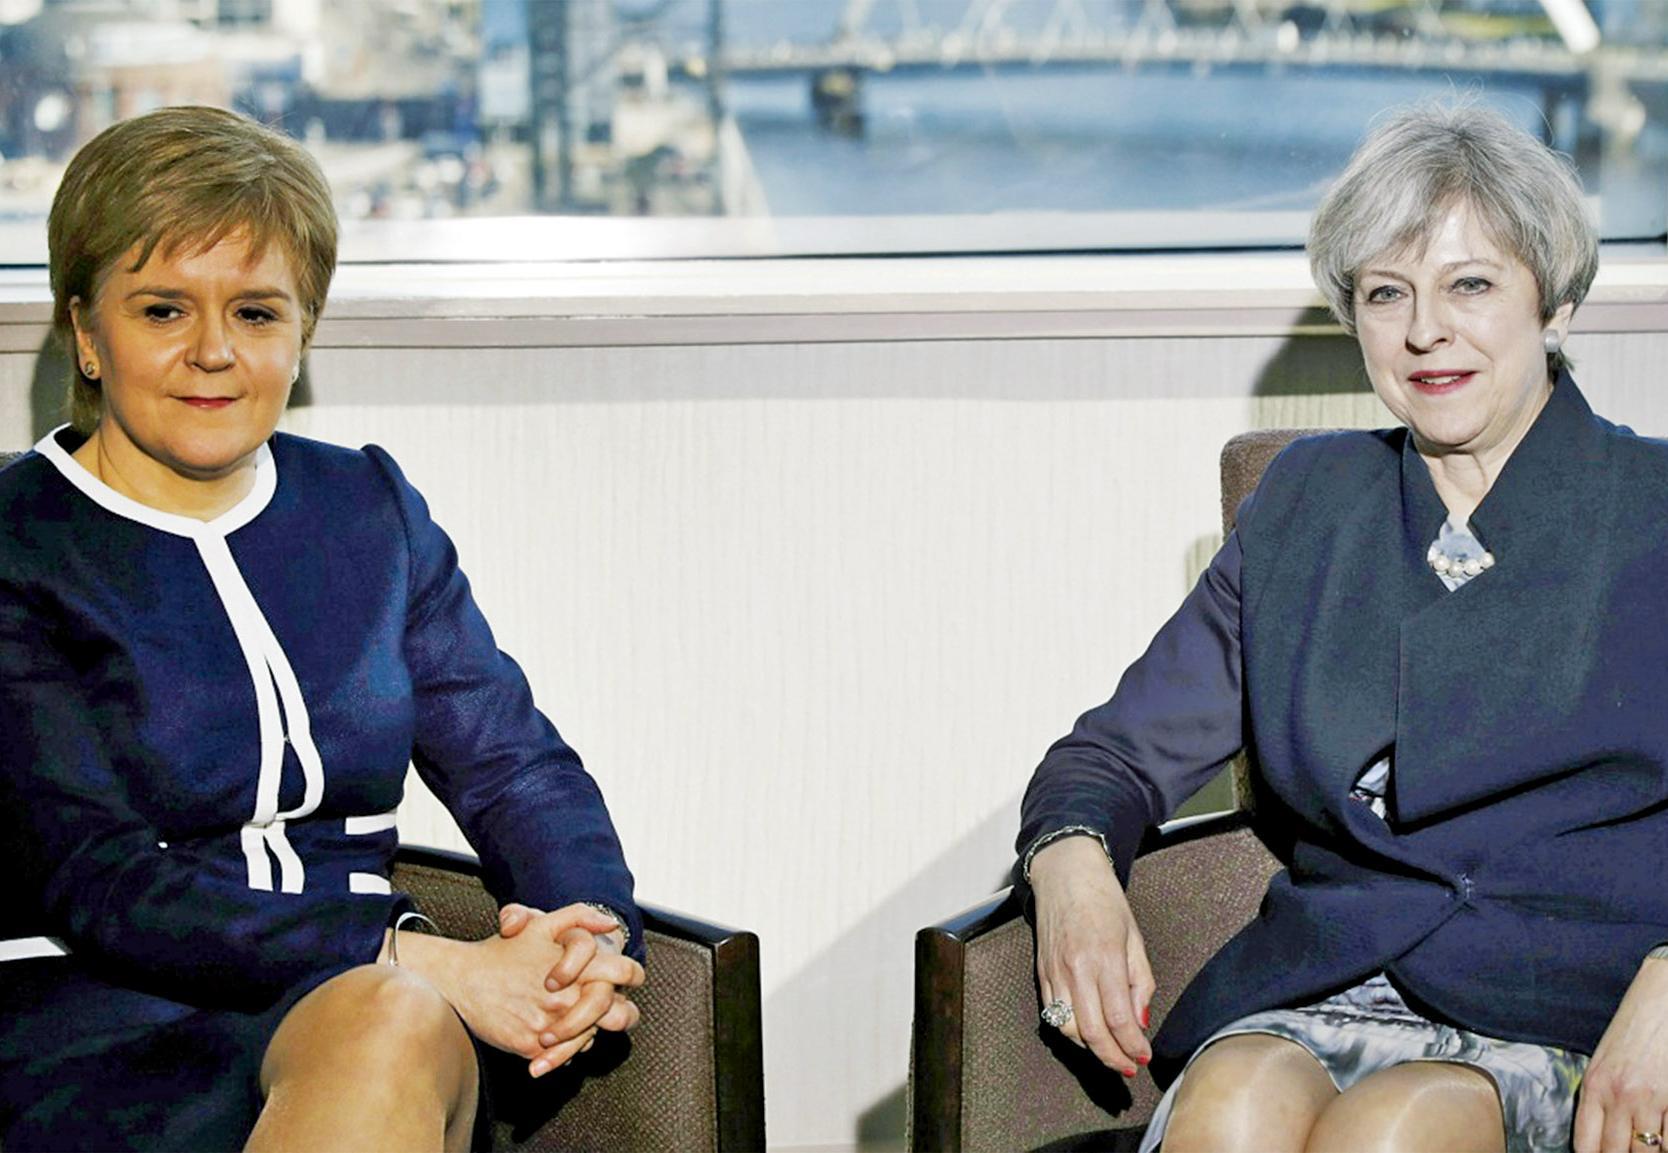 就蘇格蘭獨立公投各不相讓